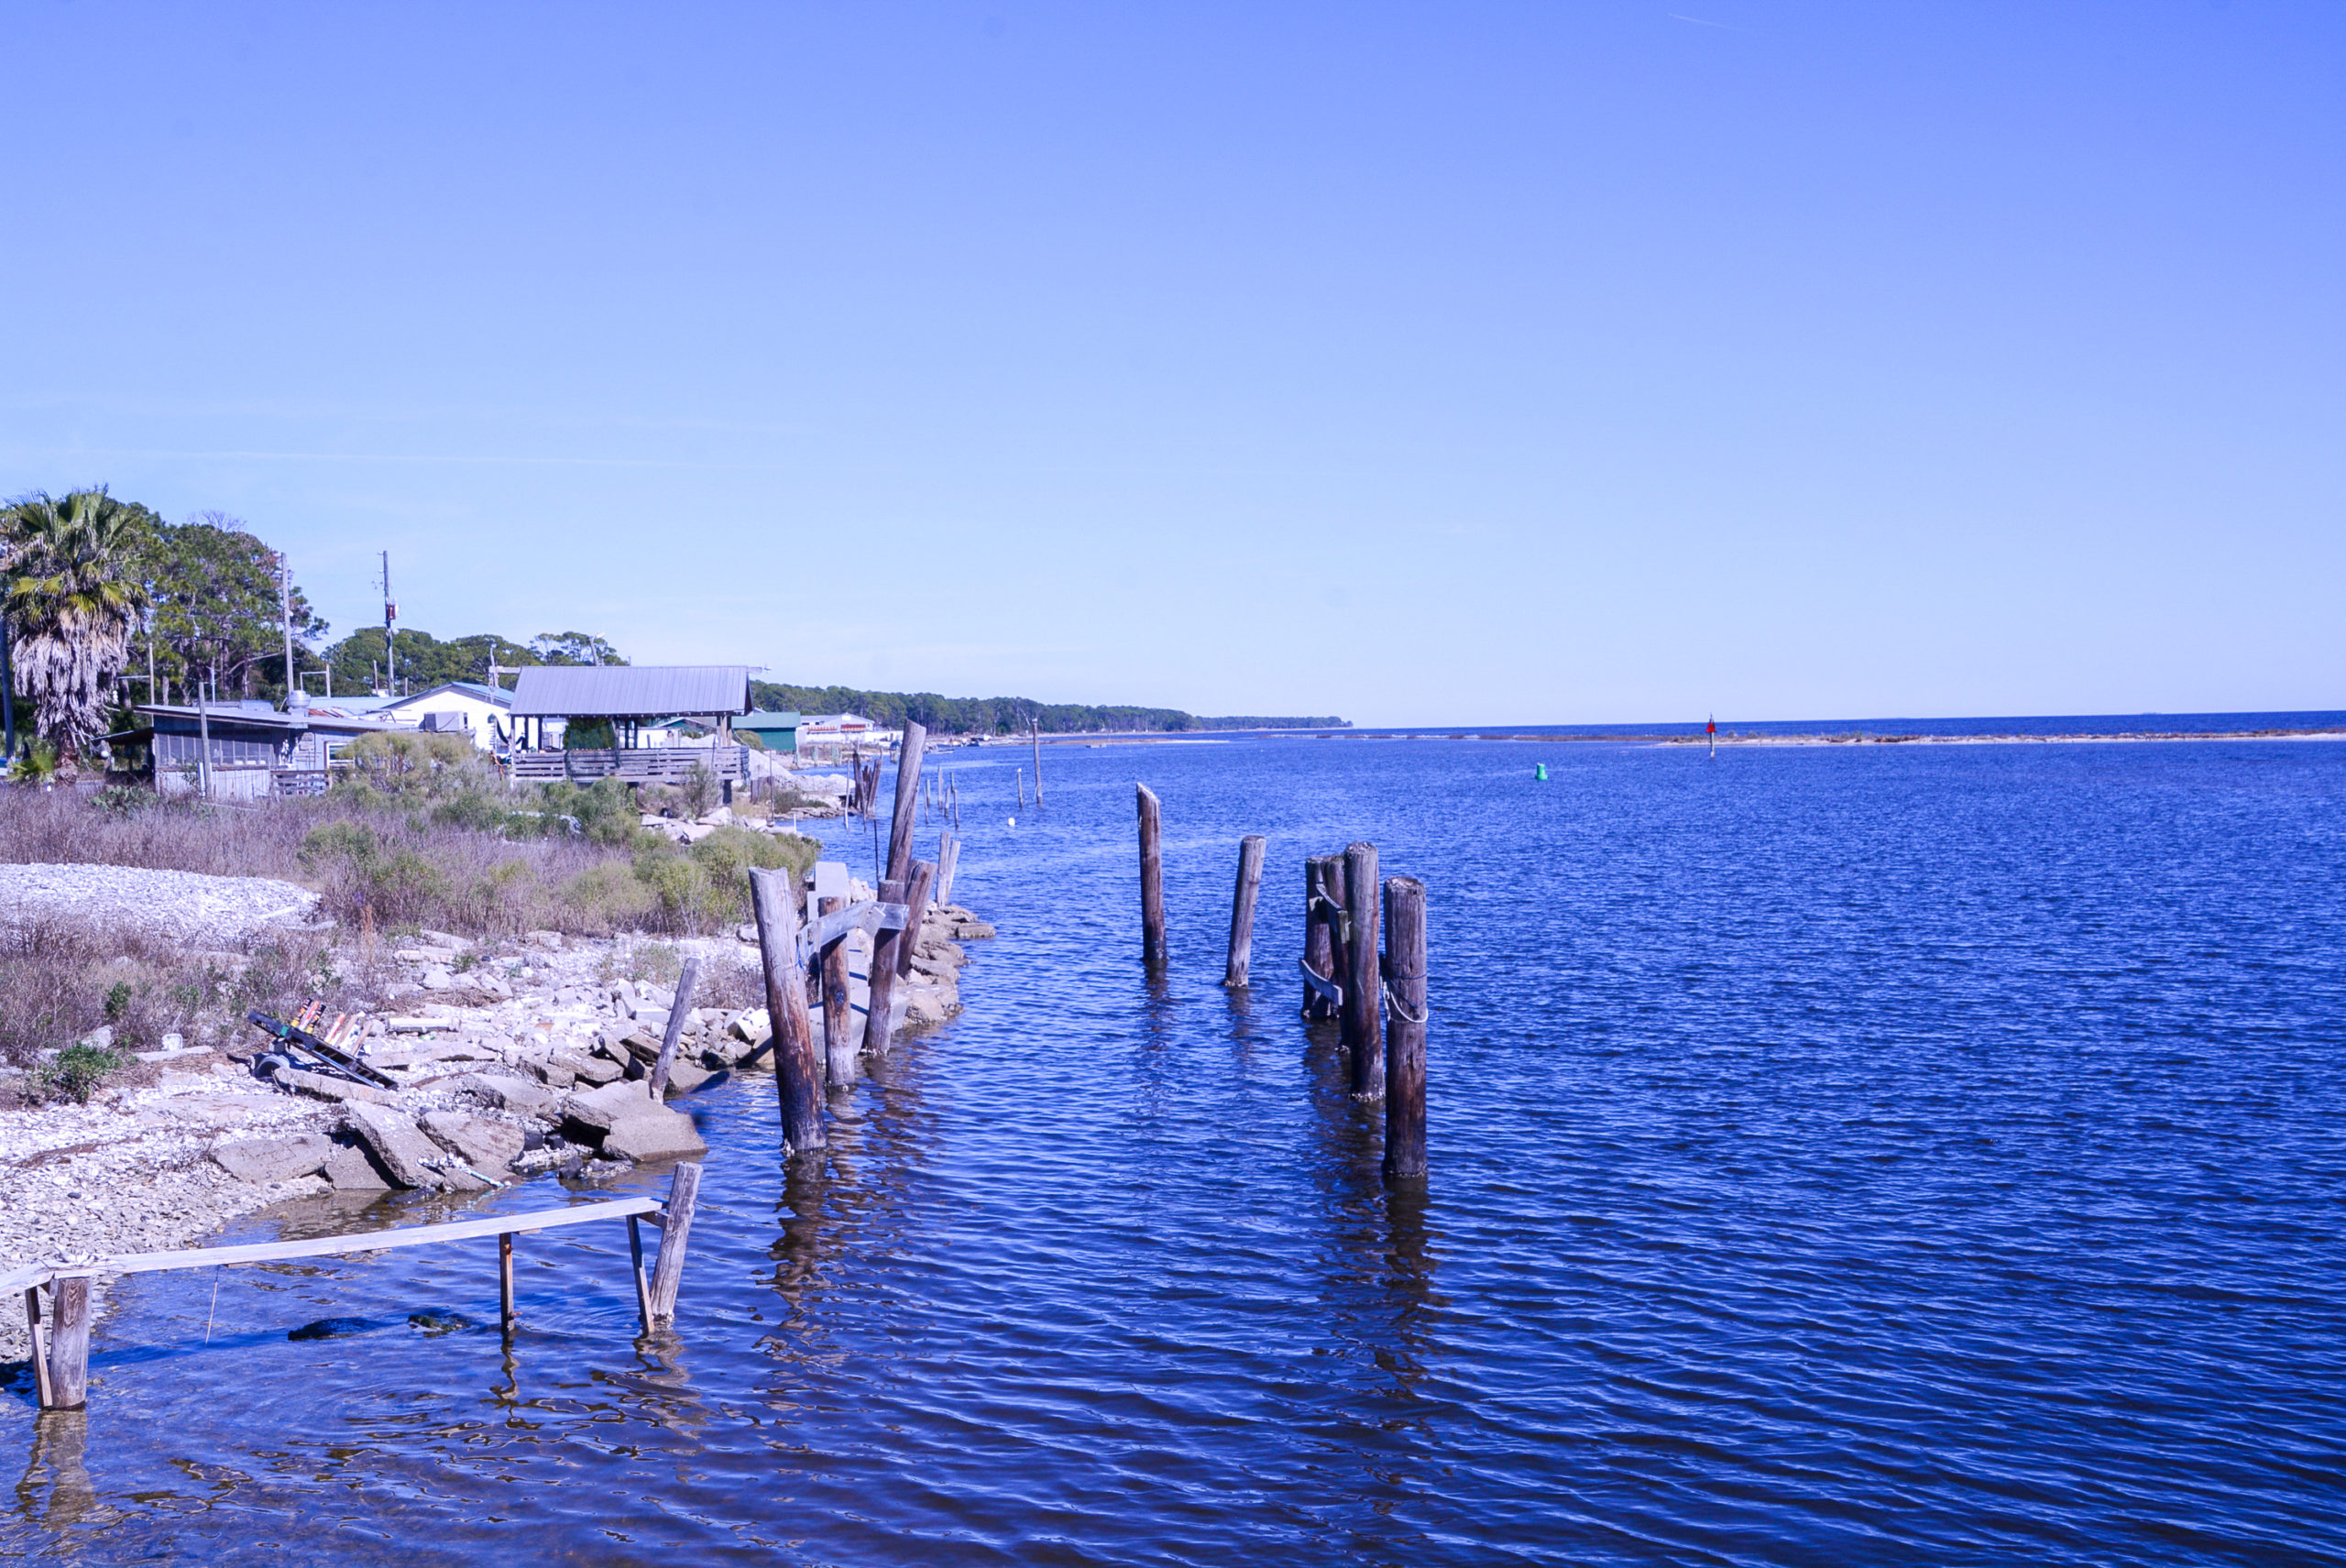 Austernbänke an der Küste des Panhandle in Florida